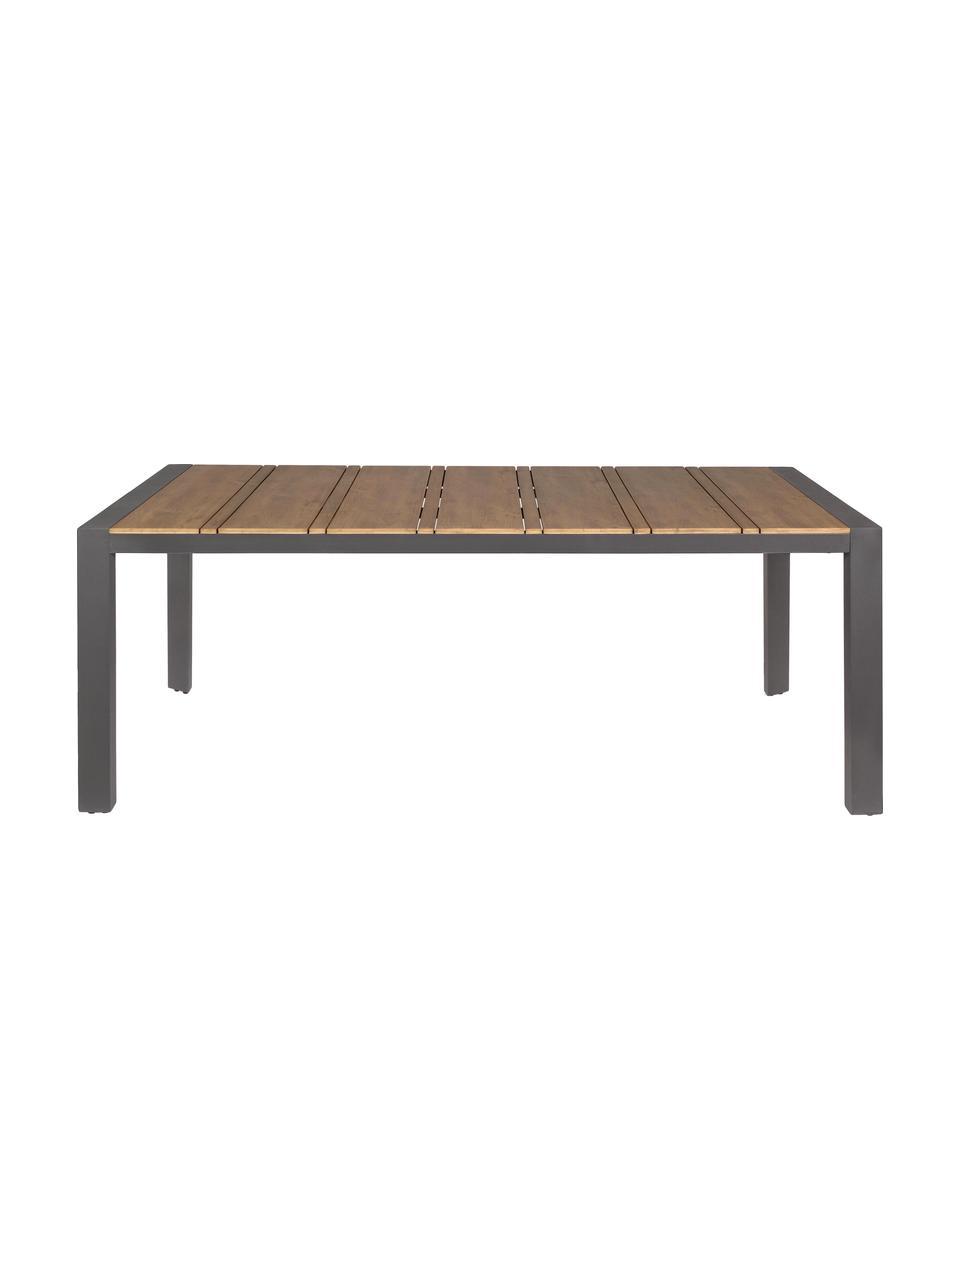 Table de jardin Elias, Anthracite, brun